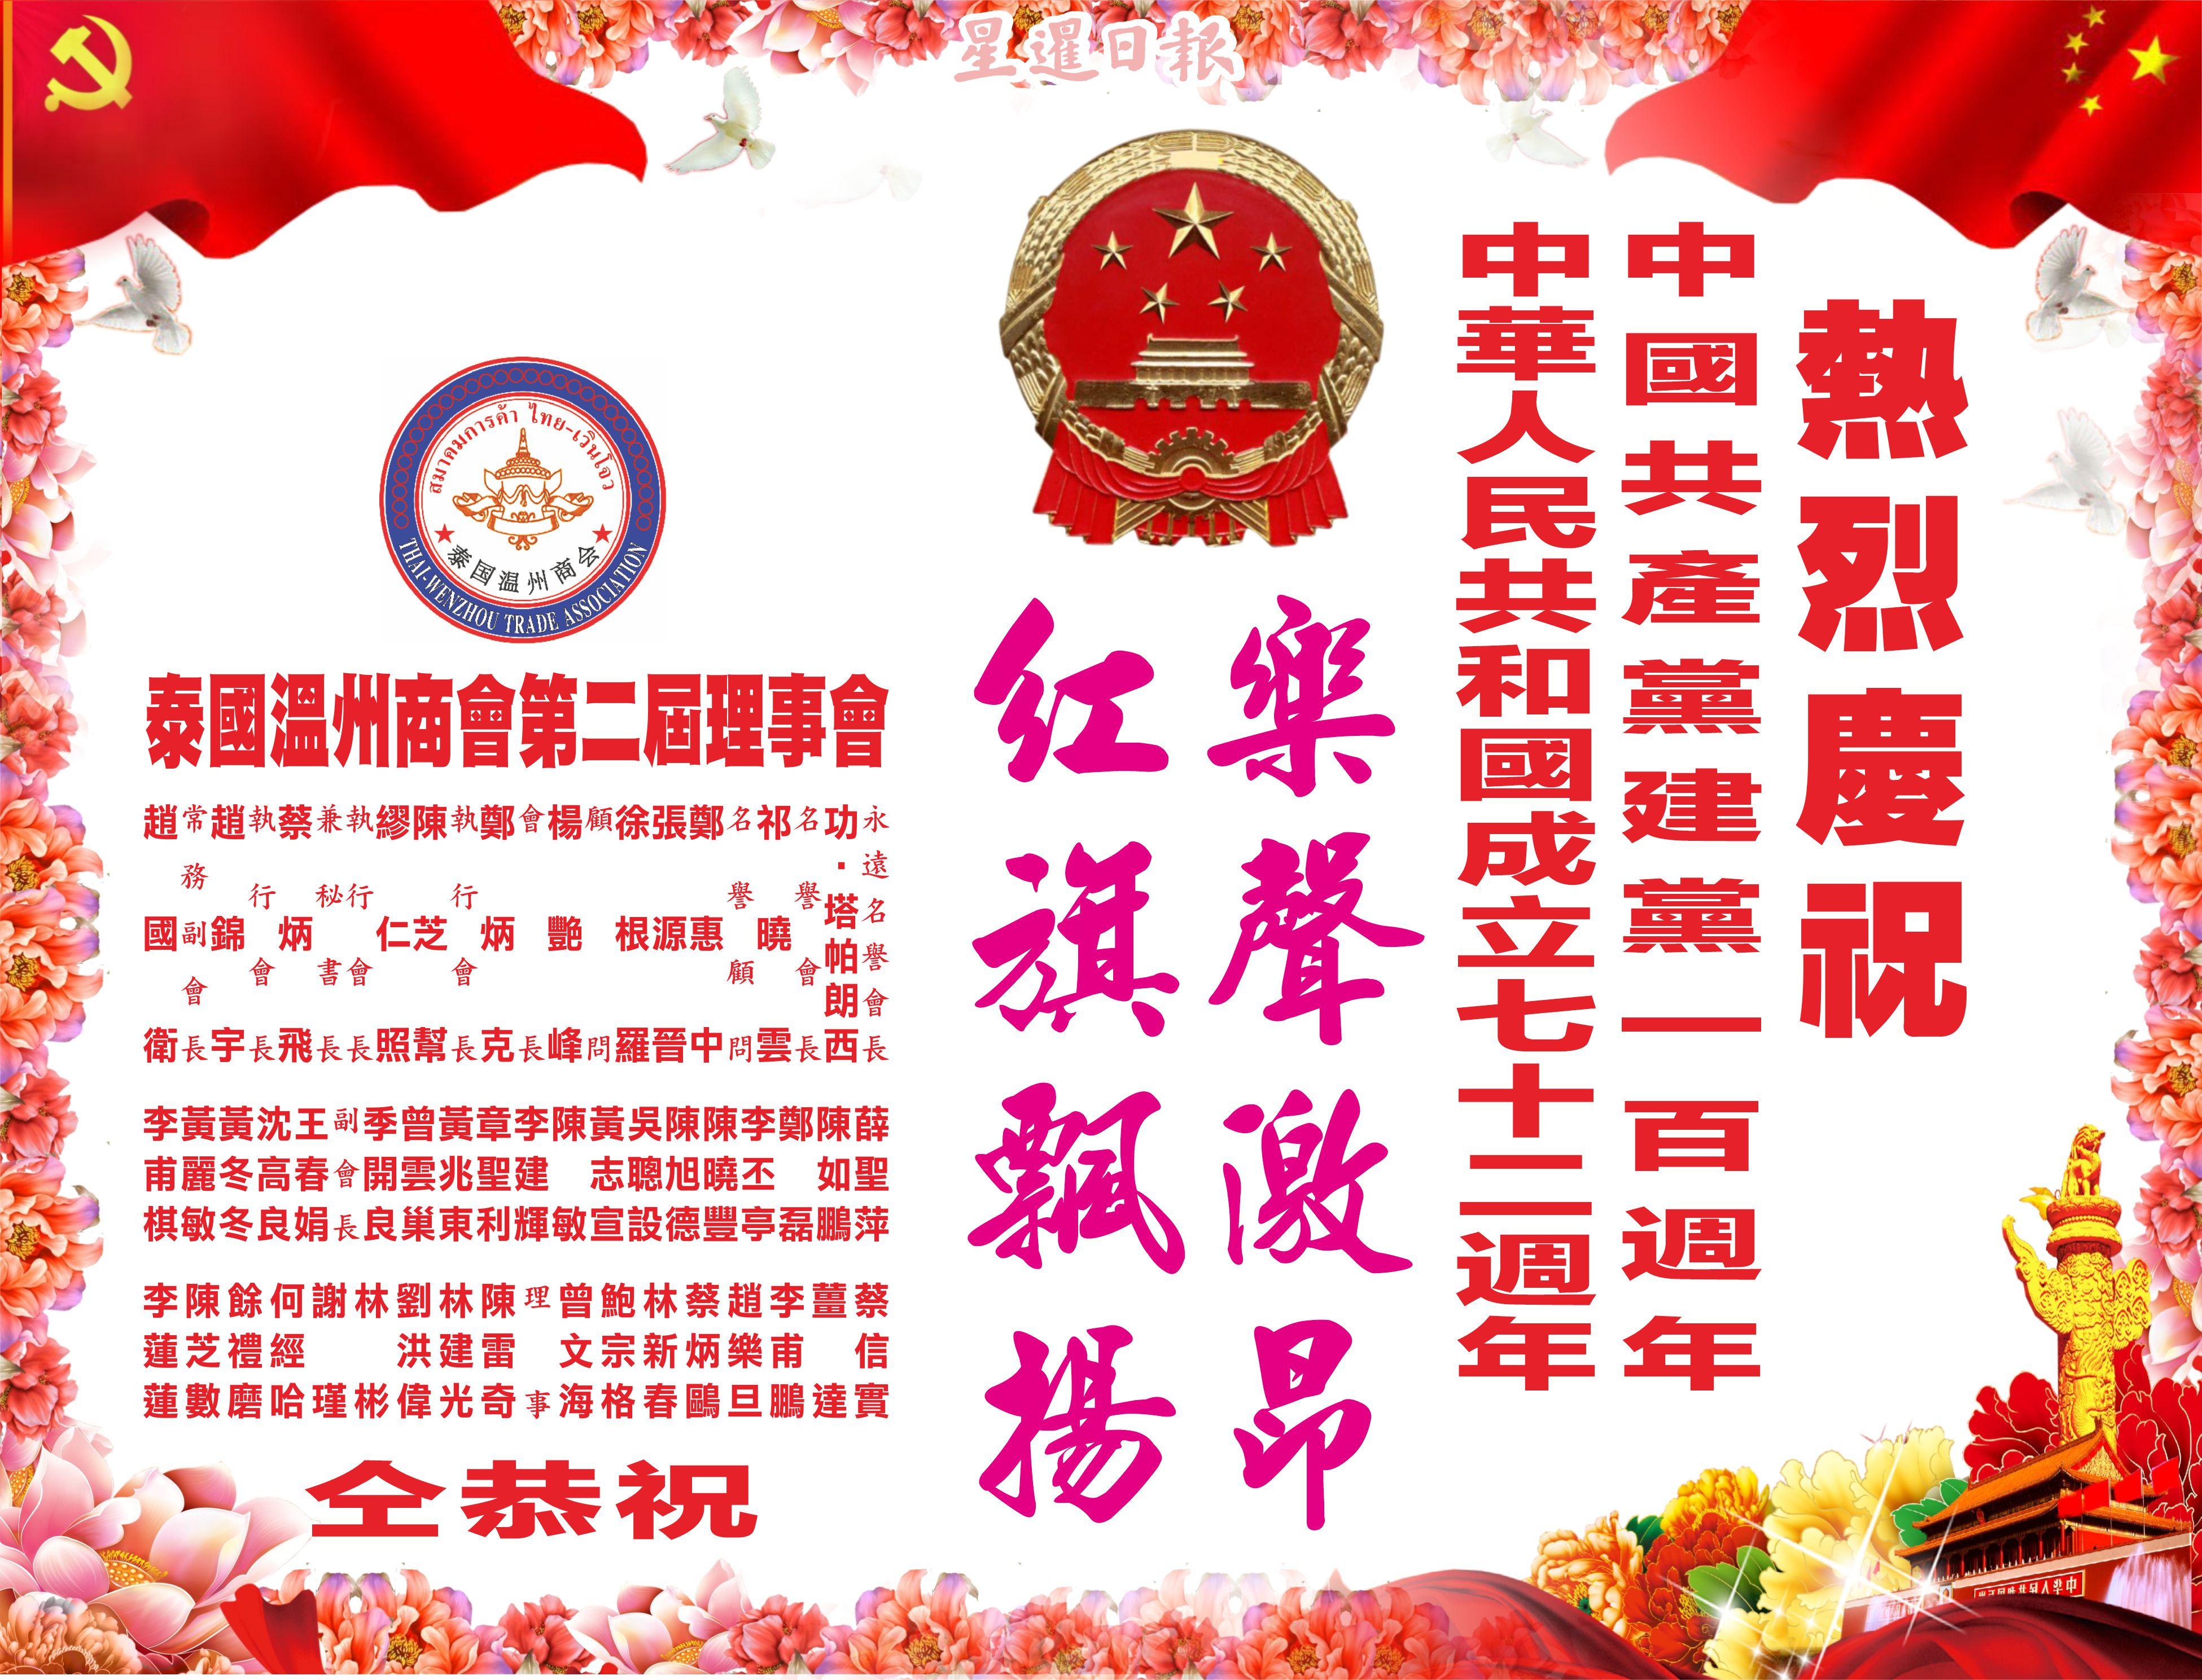 泰国温州商会热烈庆祝中华人民共和国成立72周年